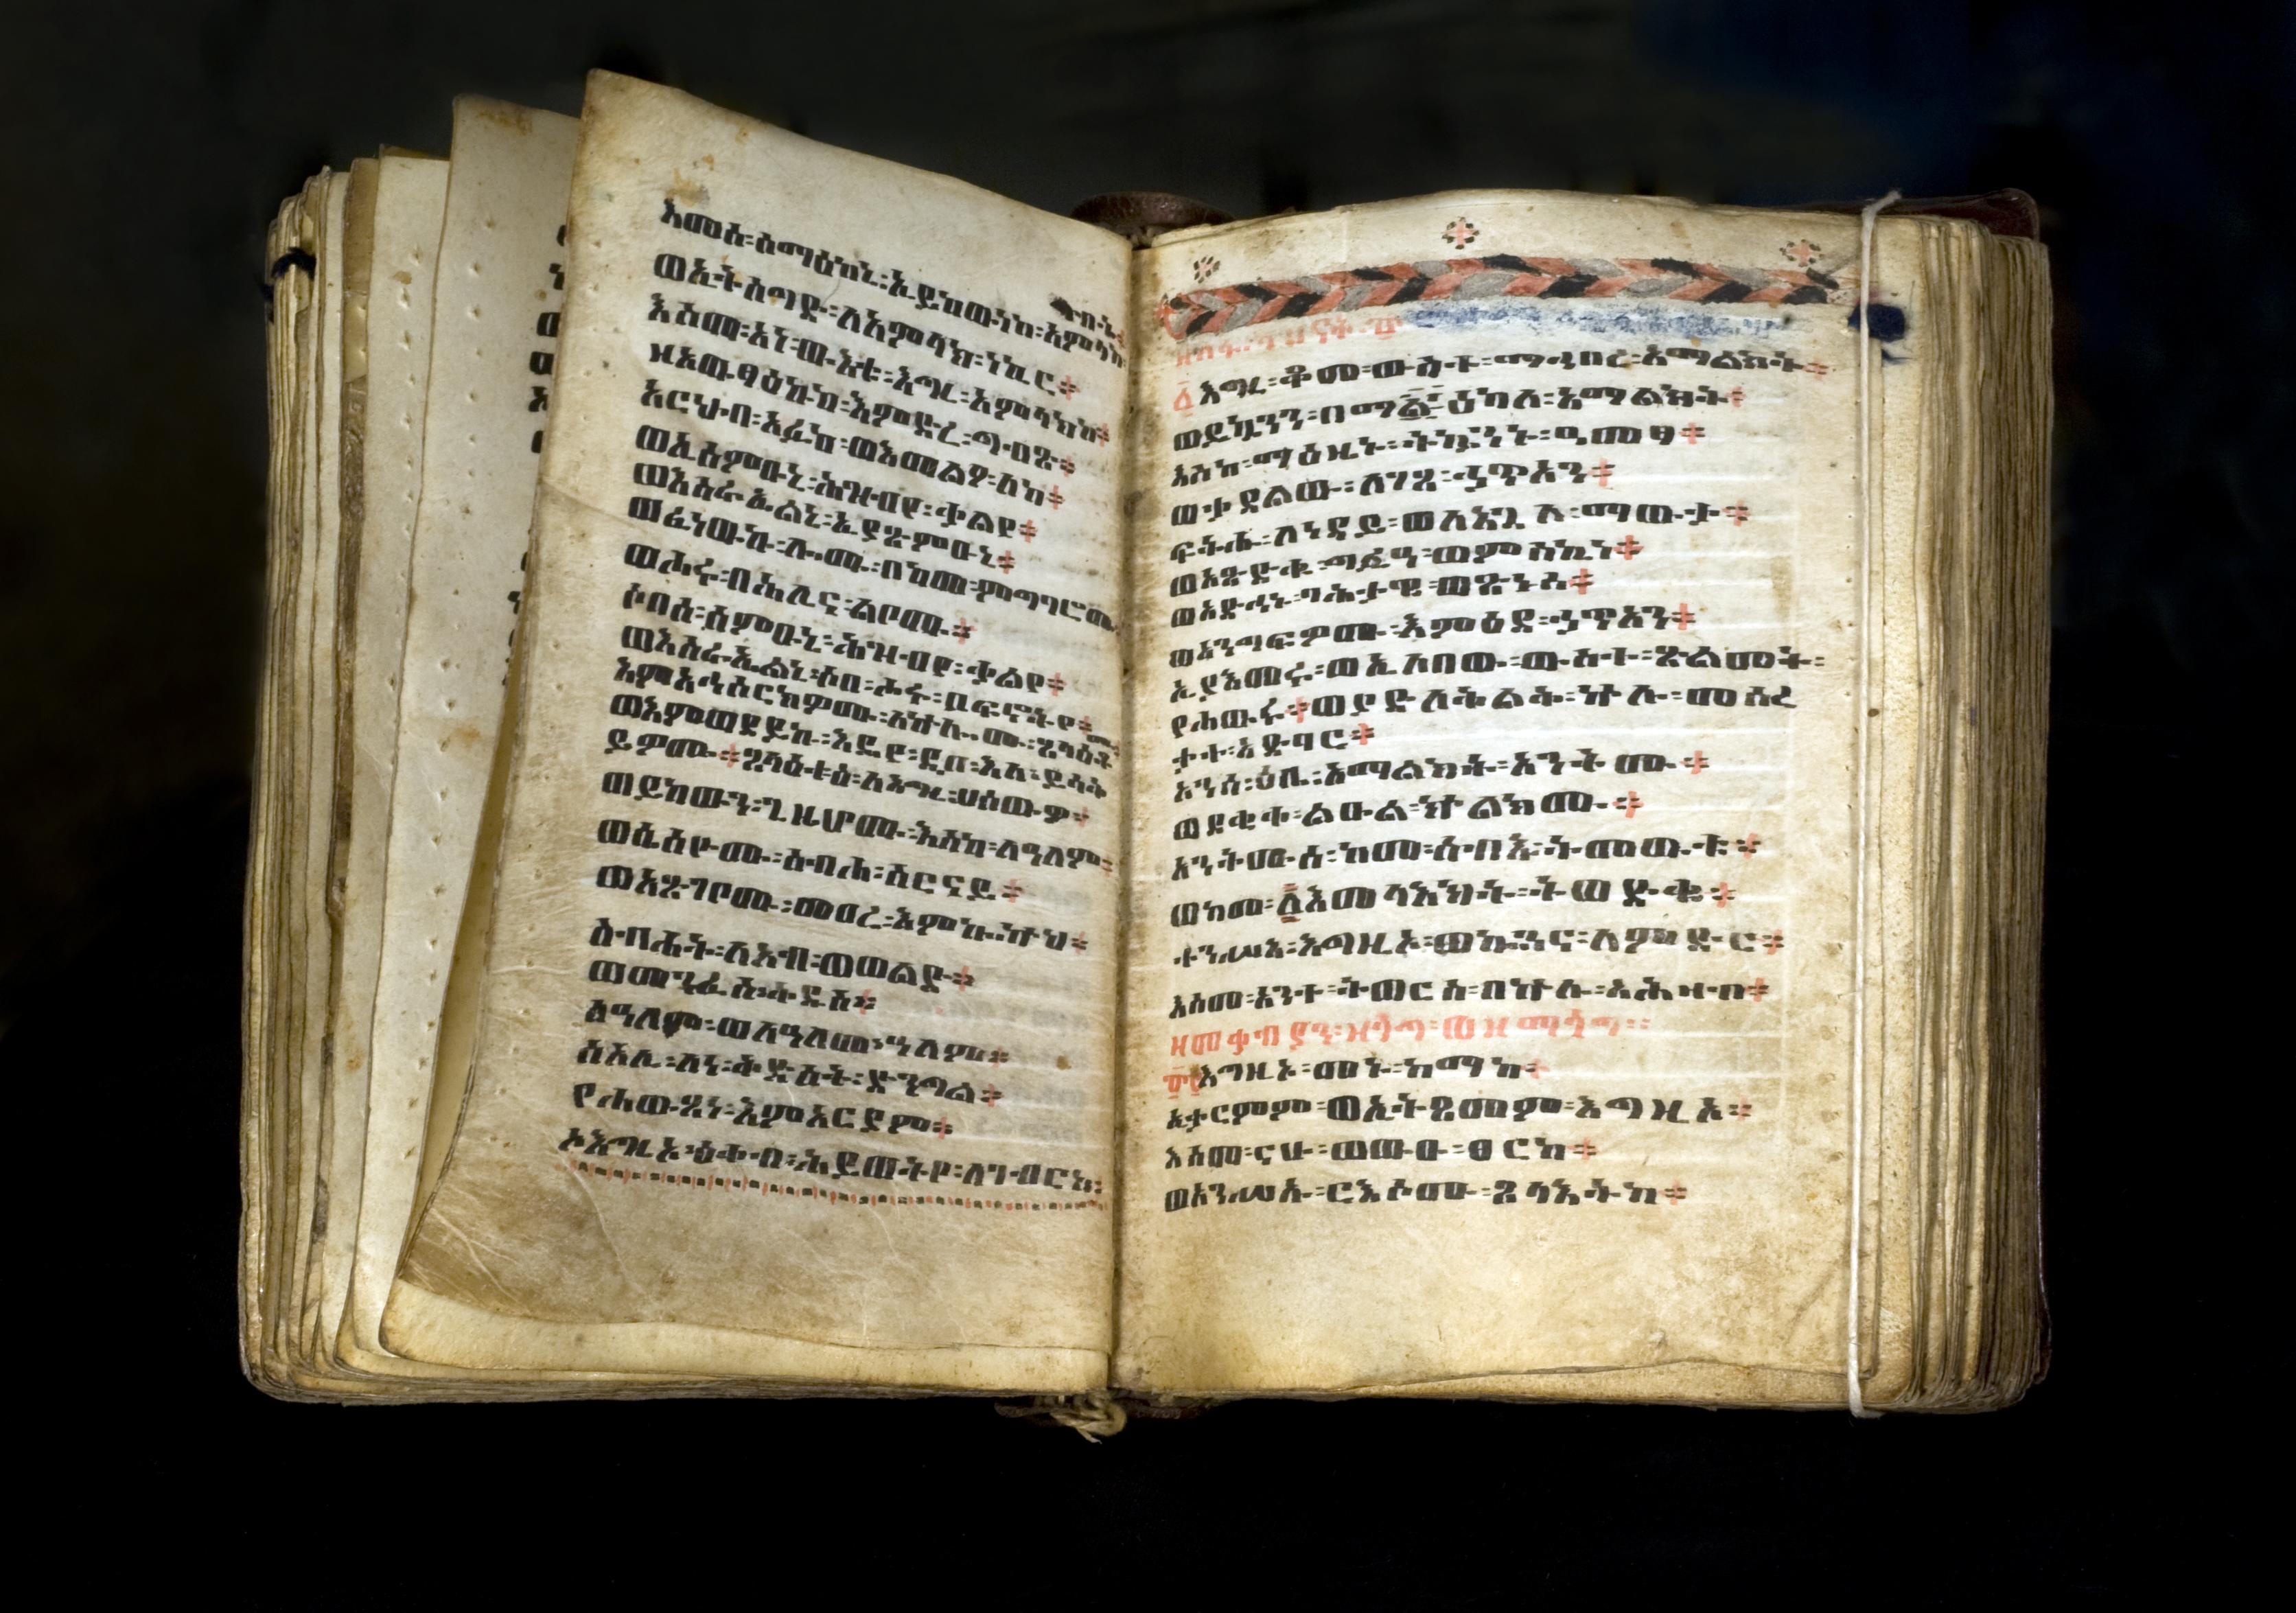 biblique chrétienne datant fréquentes erreurs de datation précoce